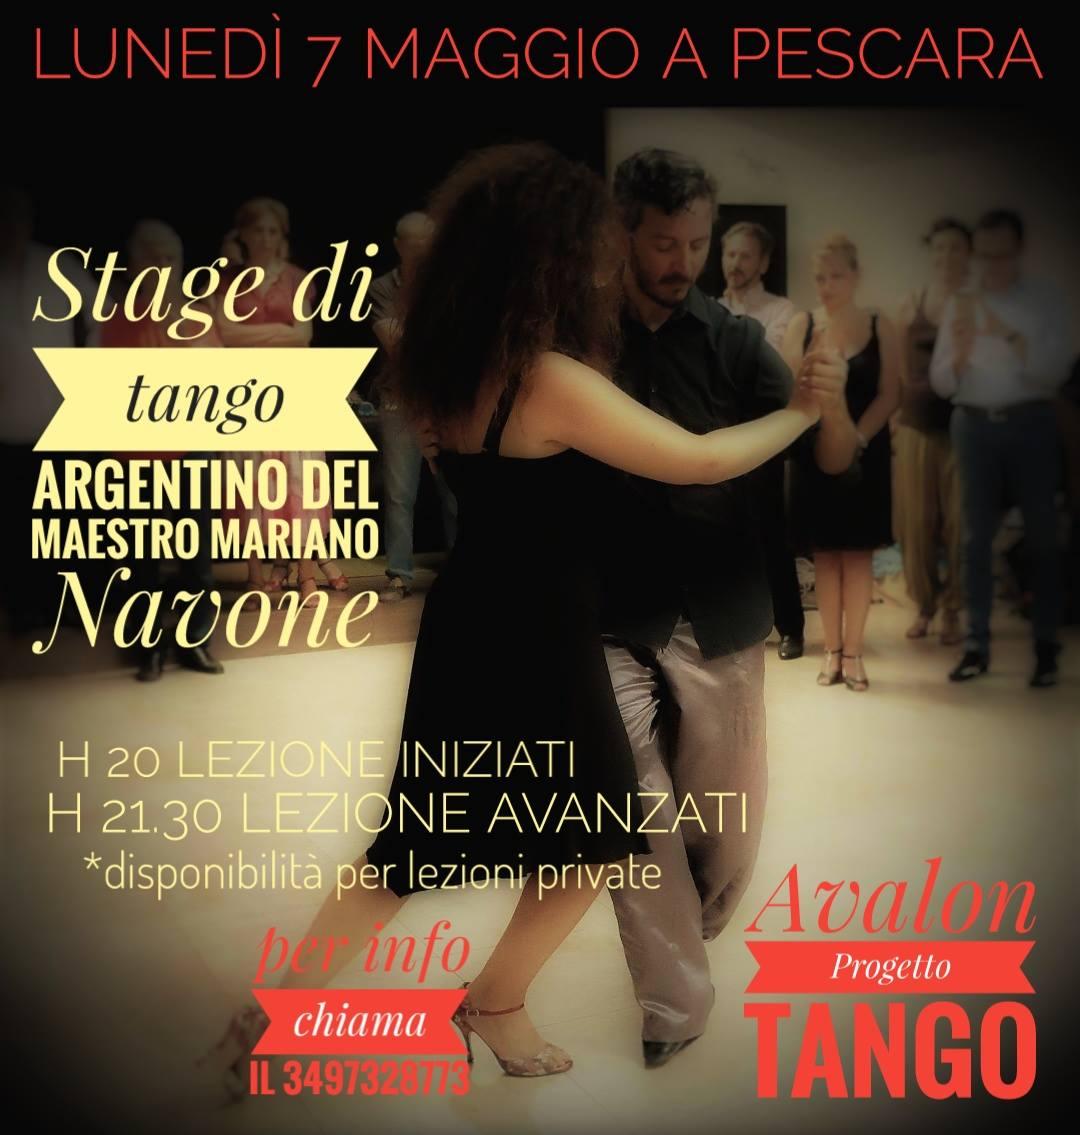 Stage di tango argentino del Maestro Mariano Navone | lunedì 7 maggio 2018